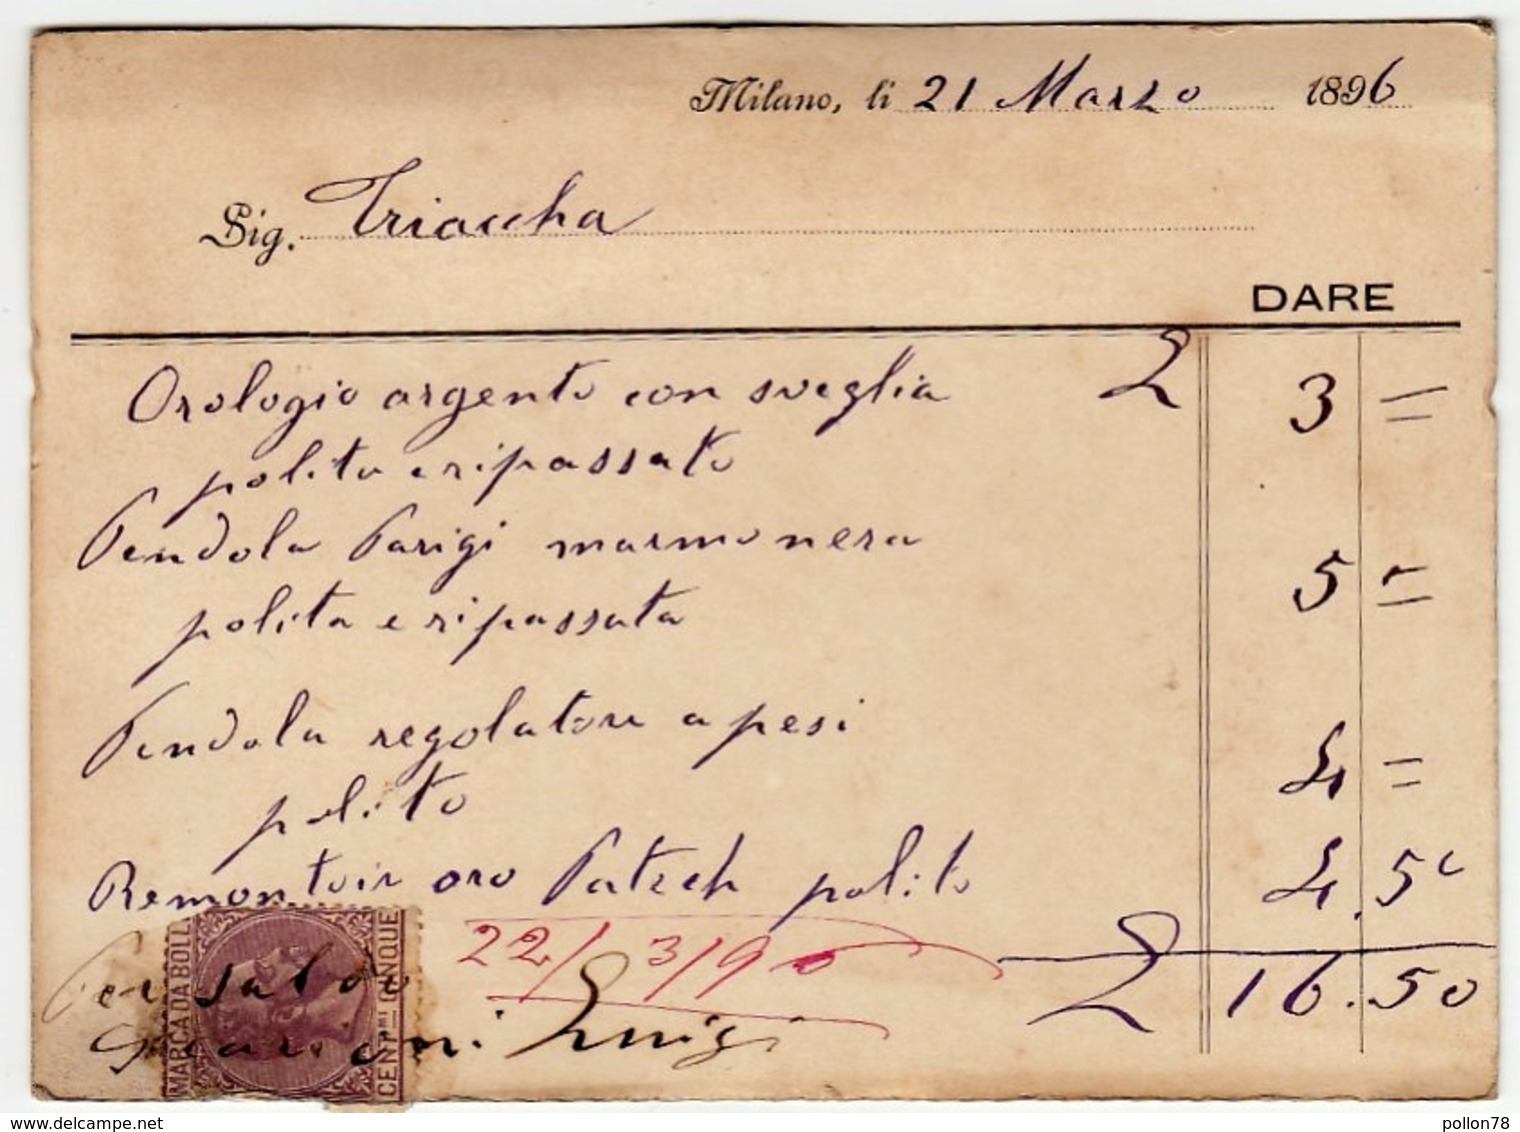 CARTONCINO - RICEVUTA - BIGLIETTO DA VISITA - LUIGI SCARIONI - OROLOGERIA - MILANO - 1896 - Vedi Retro - Cartoncini Da Visita